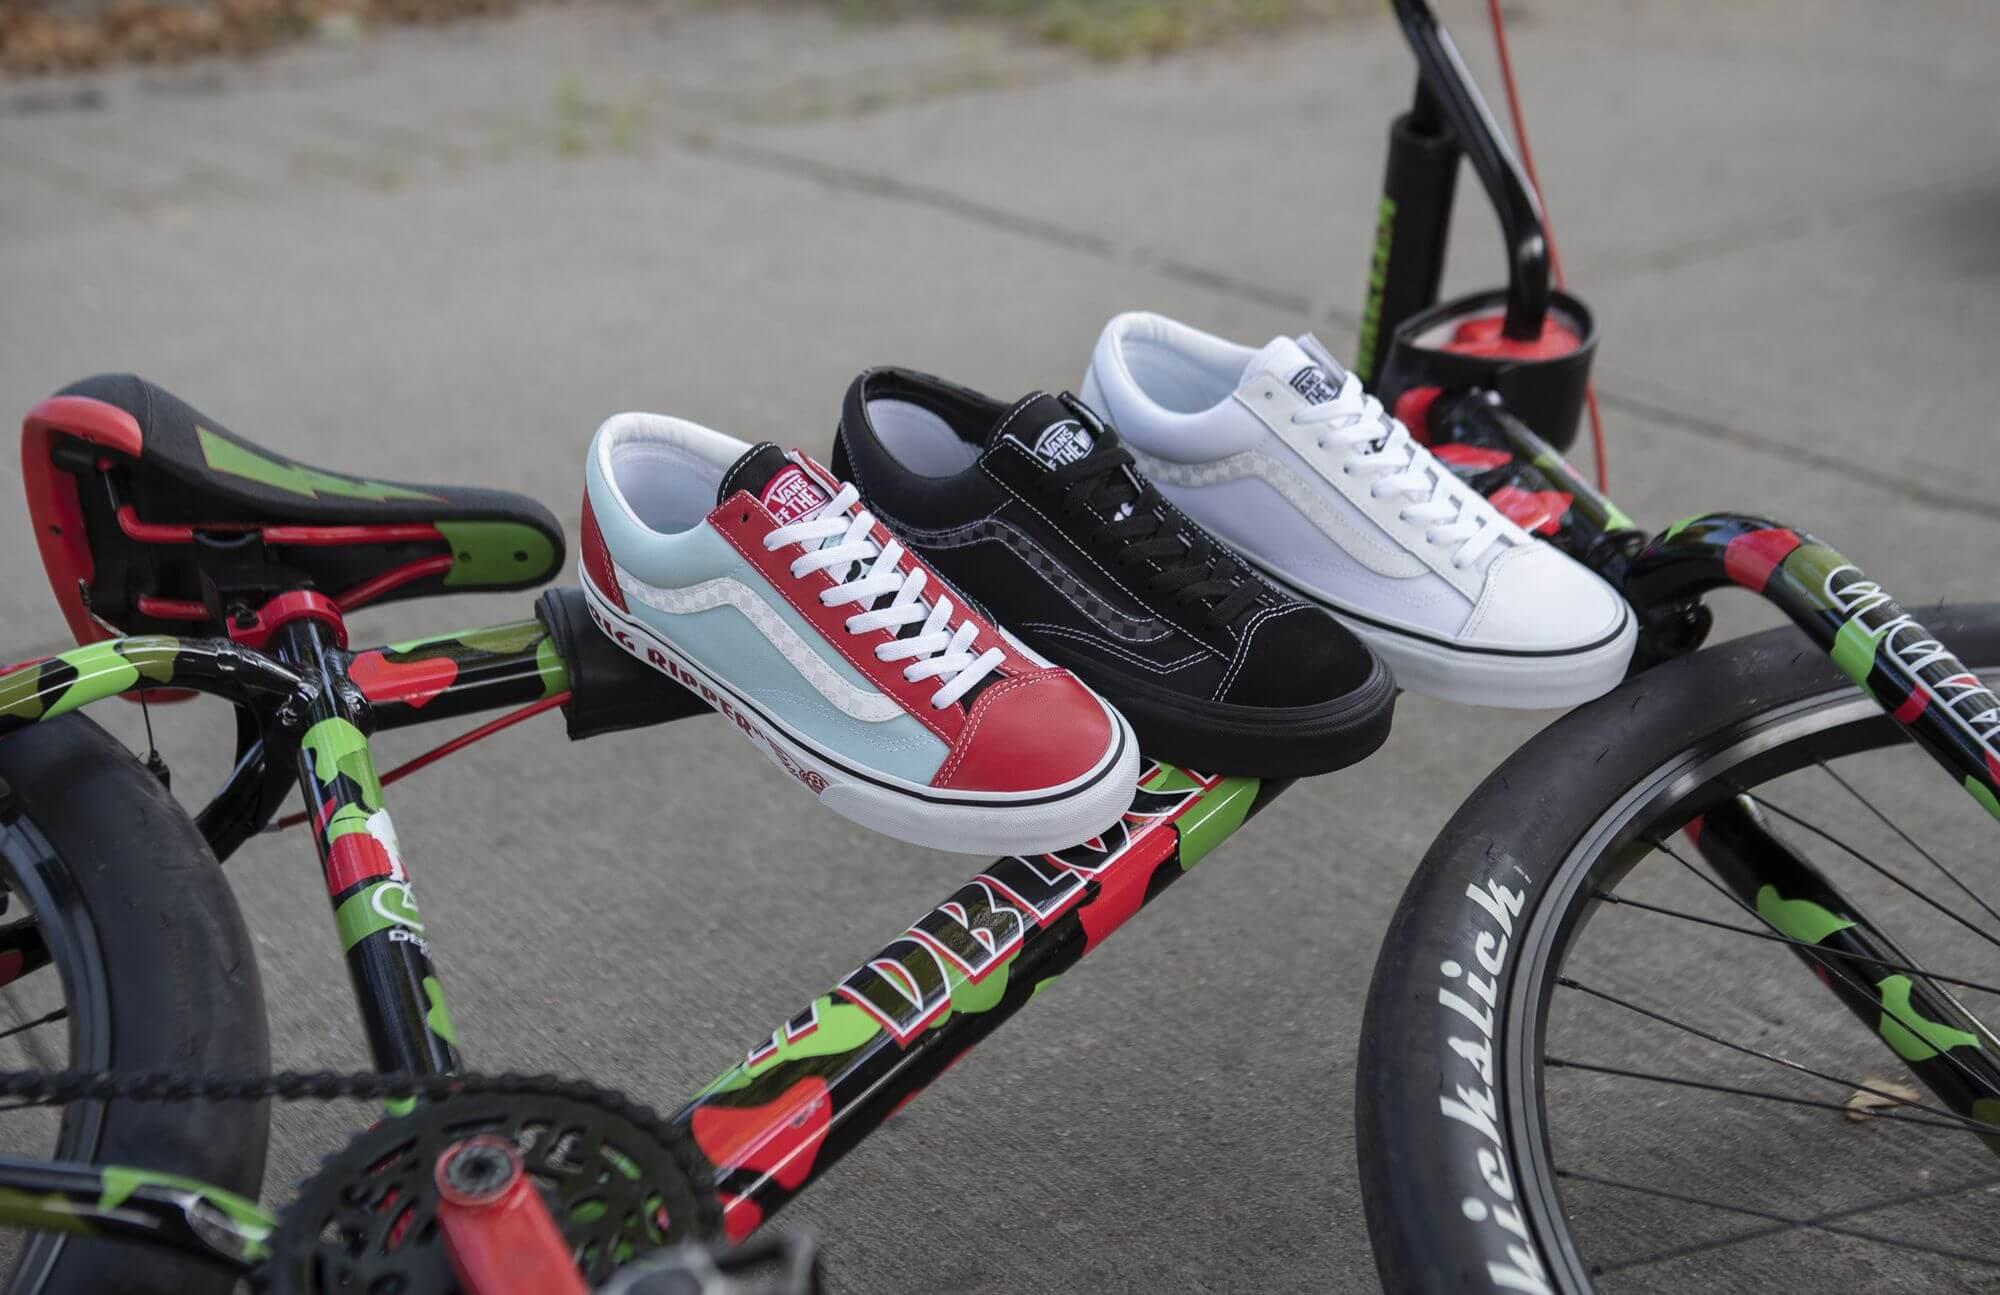 Vans x SE Bikes - Style 36 - Big Ripper / Big Ripper (auch als Lil Ripper) - PKRipper - Blocks Flyer